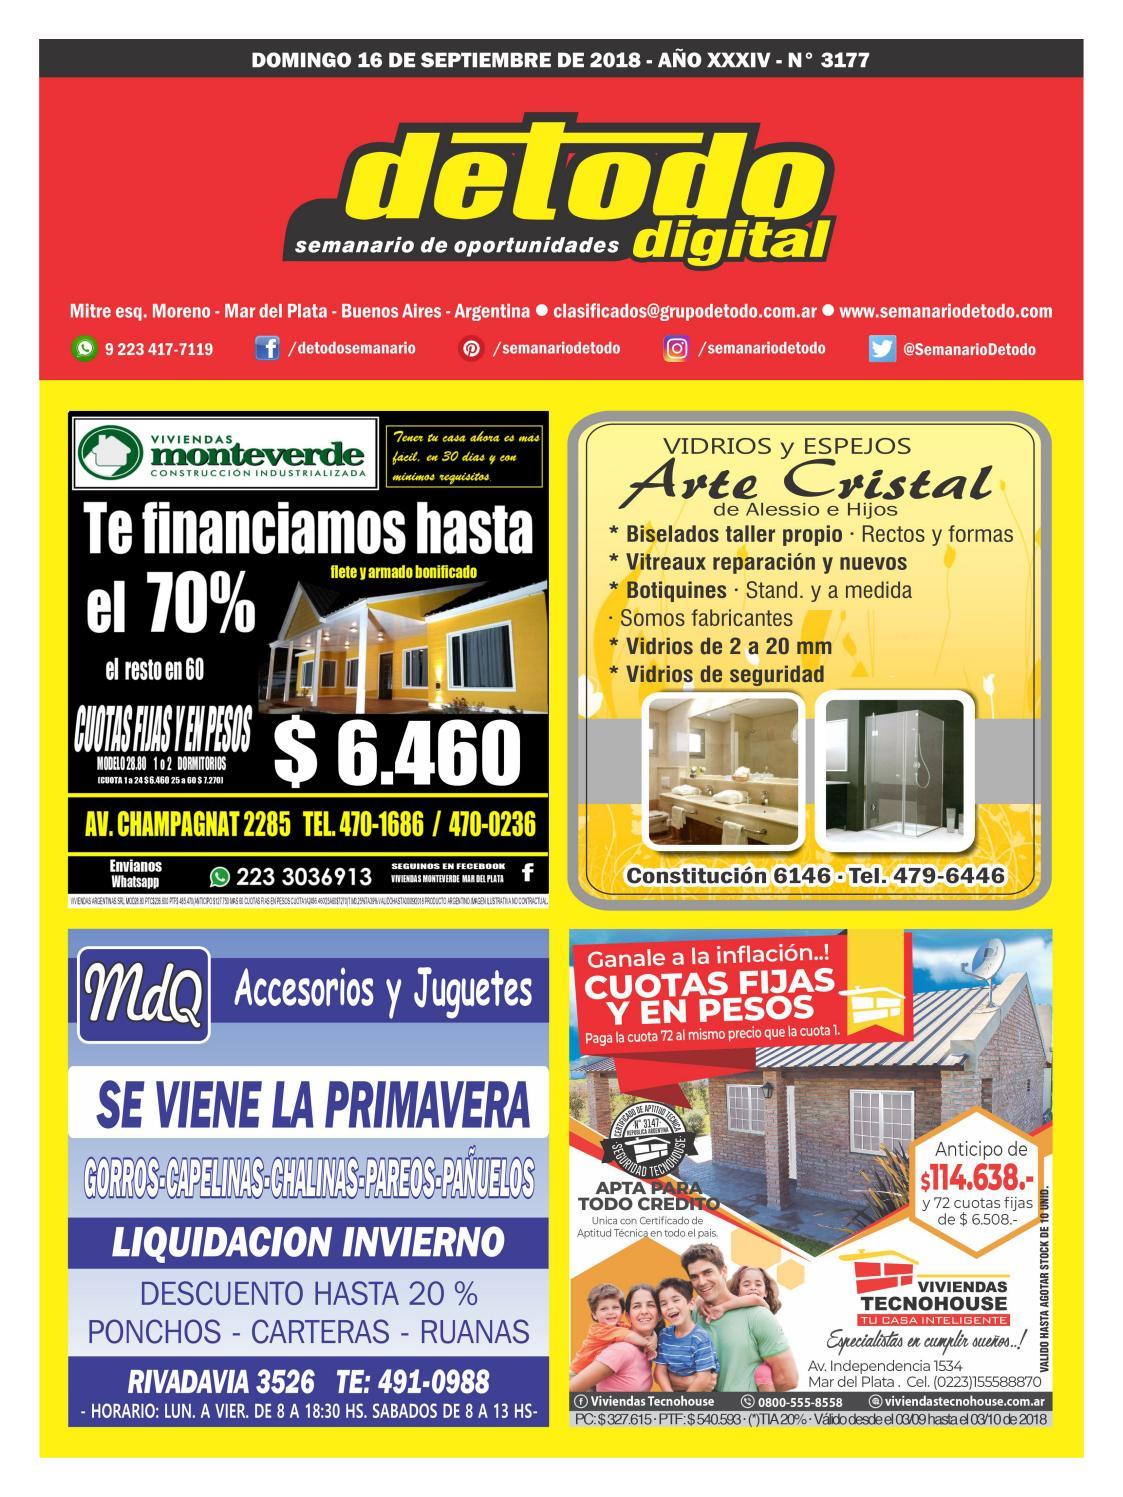 Semanario Detodo - Edición N° 3177 - 16 09 2018 by Semanario Detodo - issuu 937973f76fd6